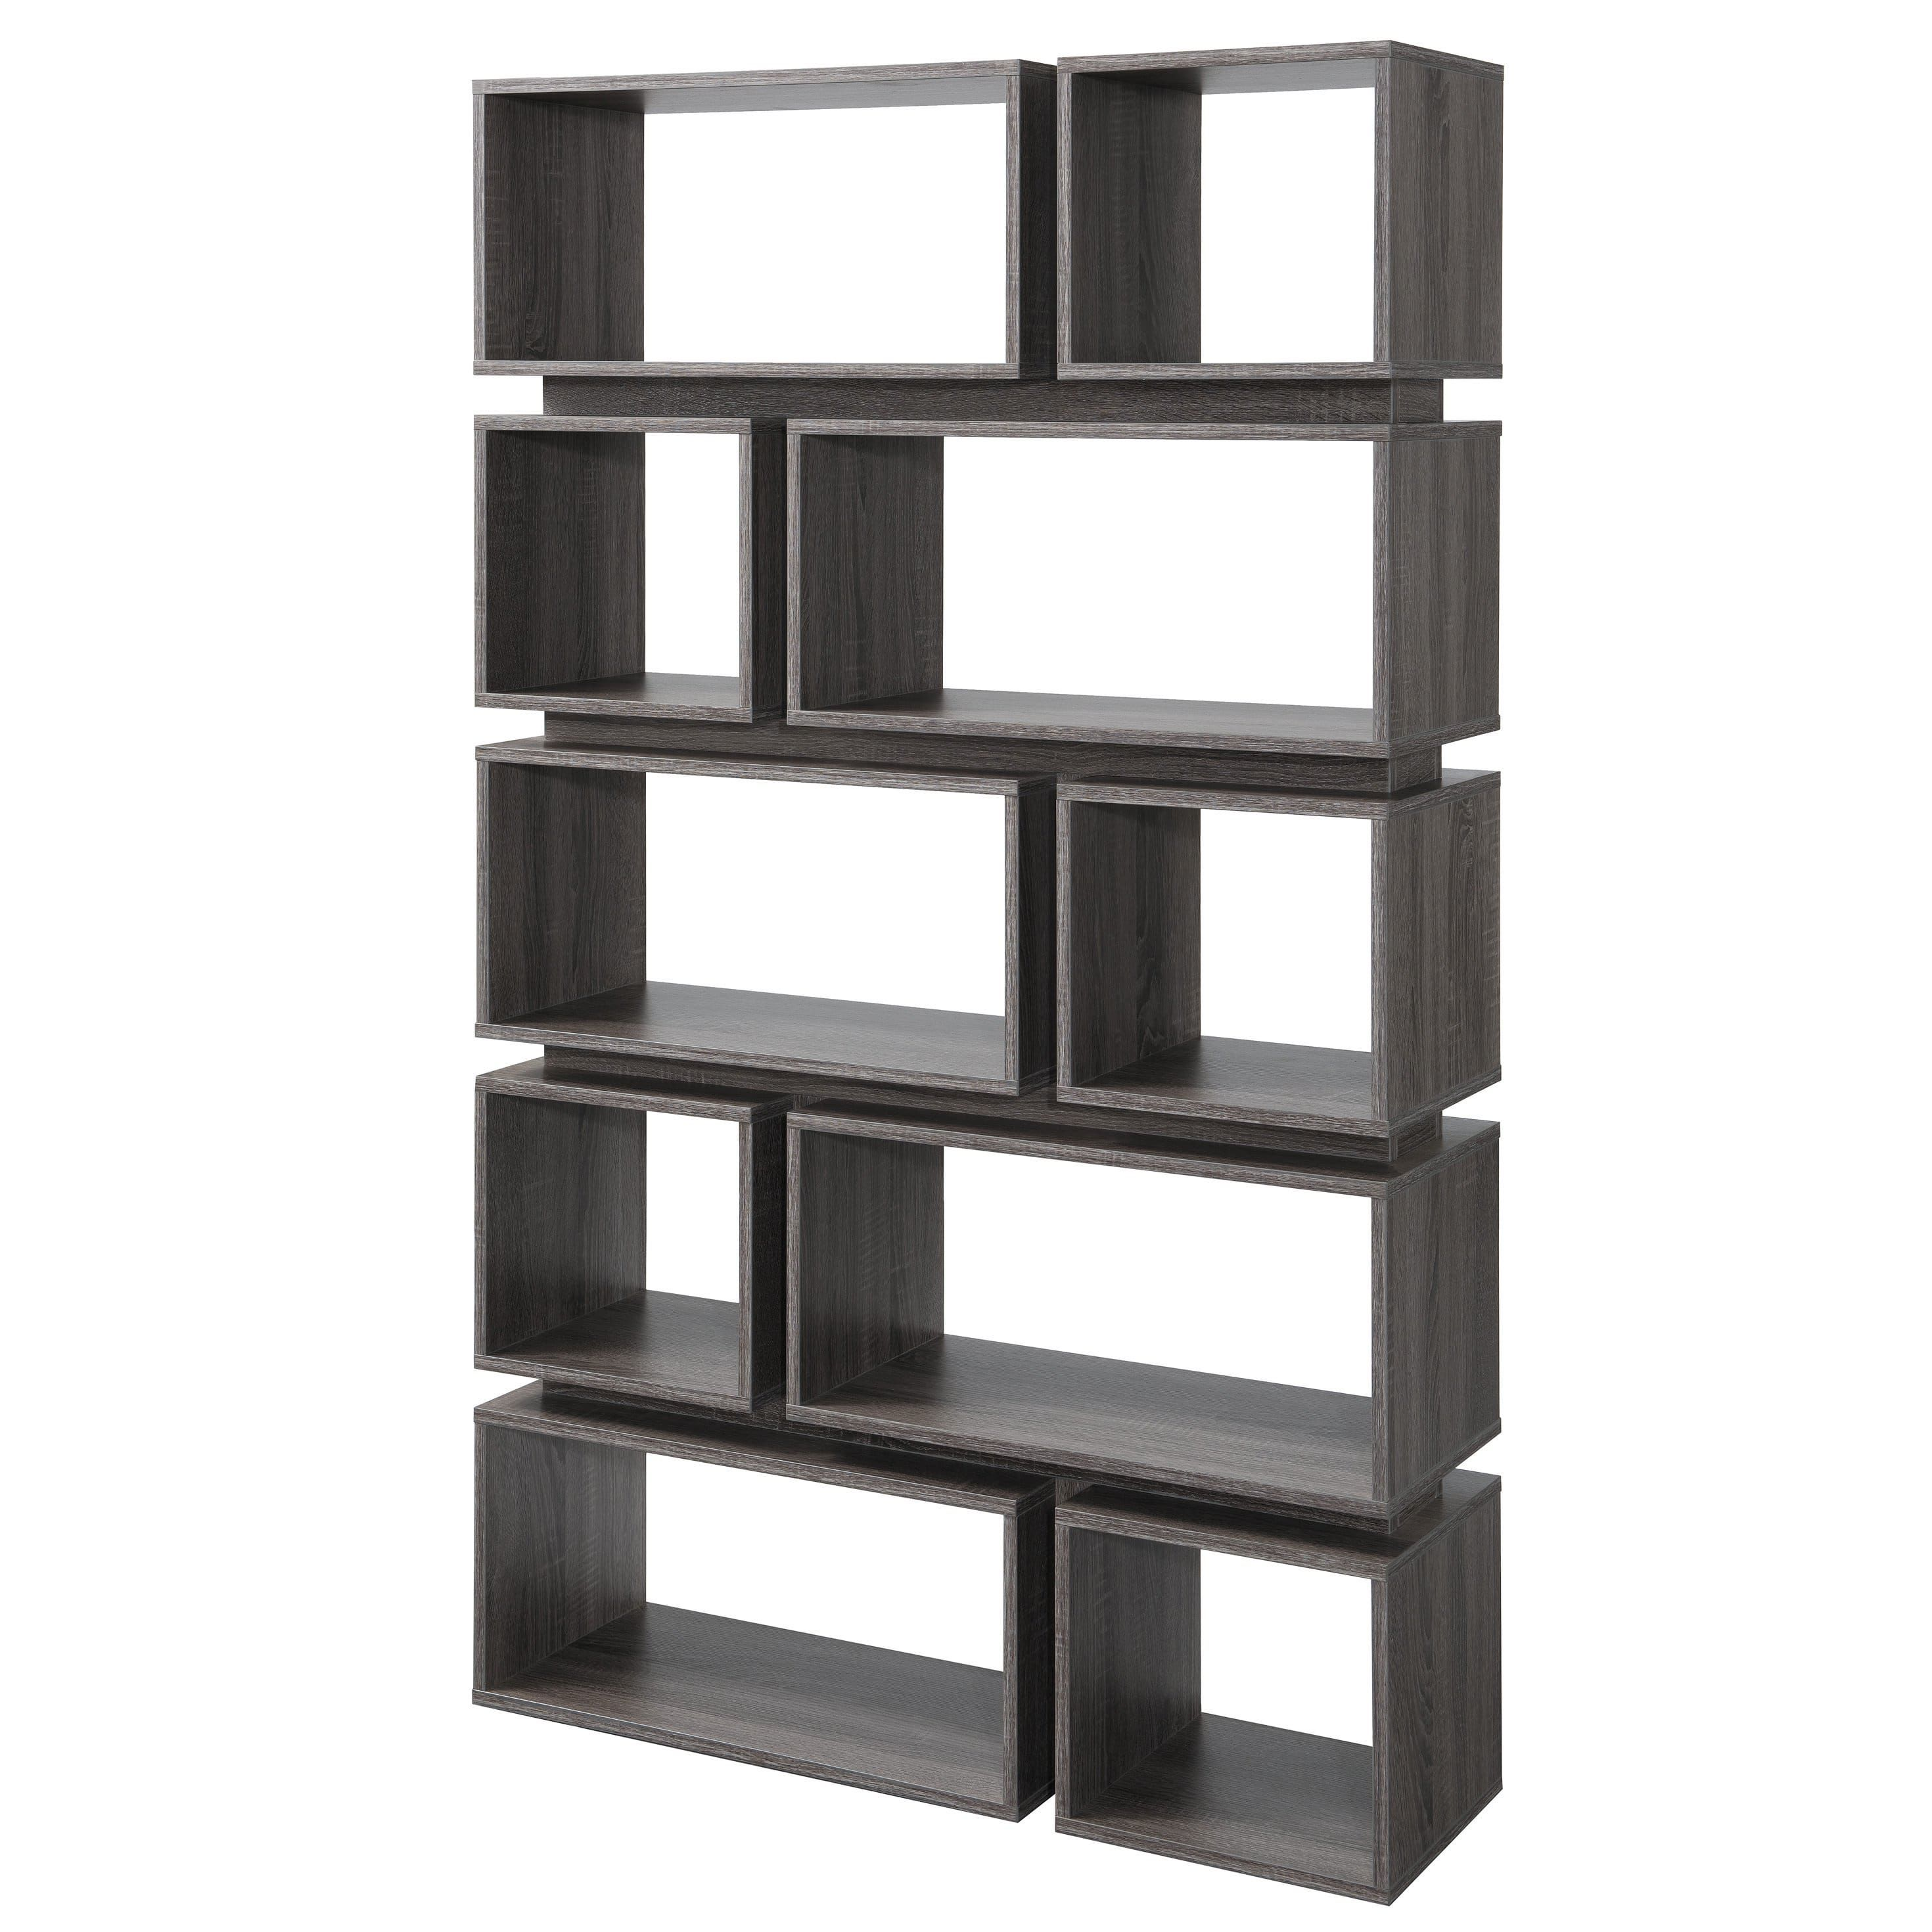 Furniture Of America Niti Rustic Grey 10 Shelf Open Bookcase Open Bookcase Bookcase Furniture Of America